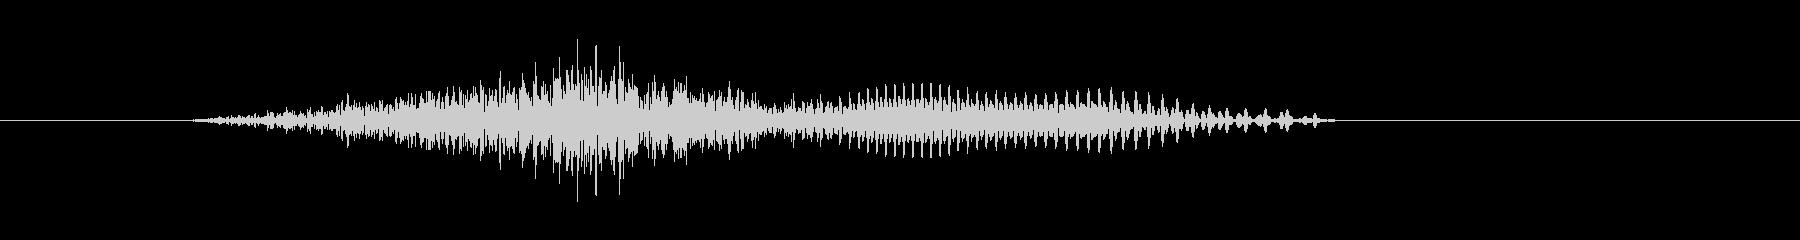 c,C,C(シー)の未再生の波形